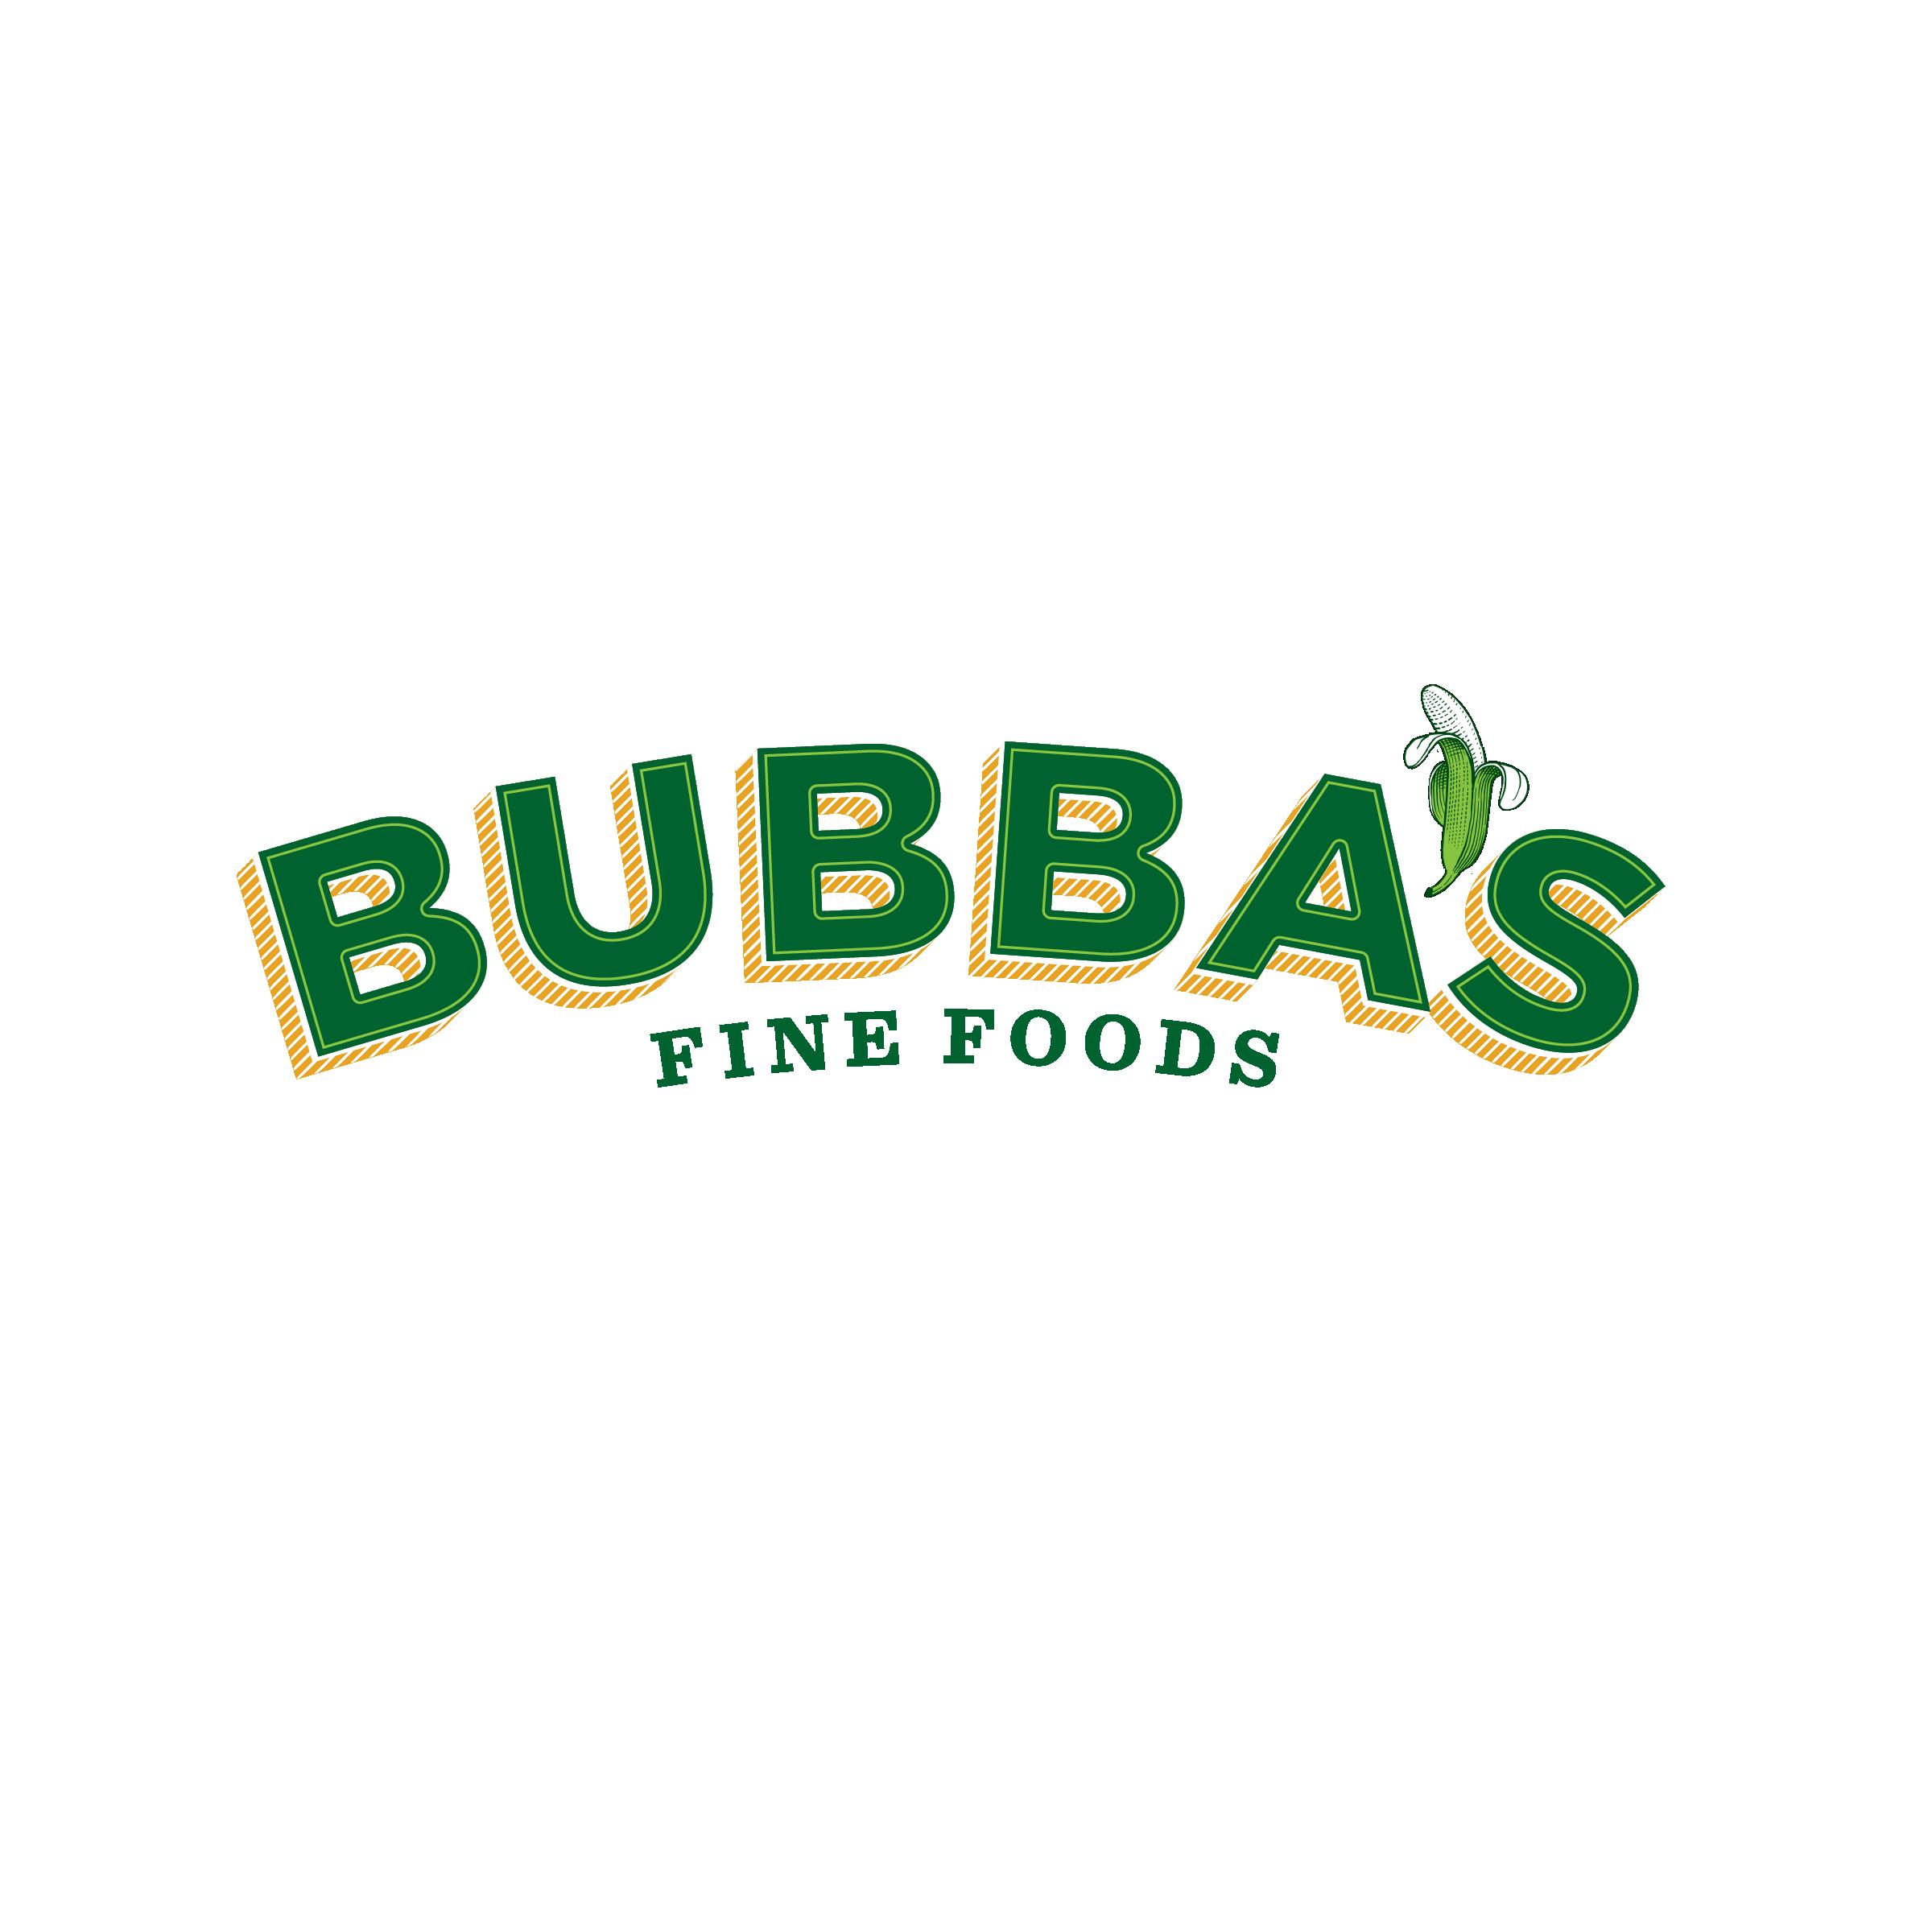 Bubba's Fine Foods